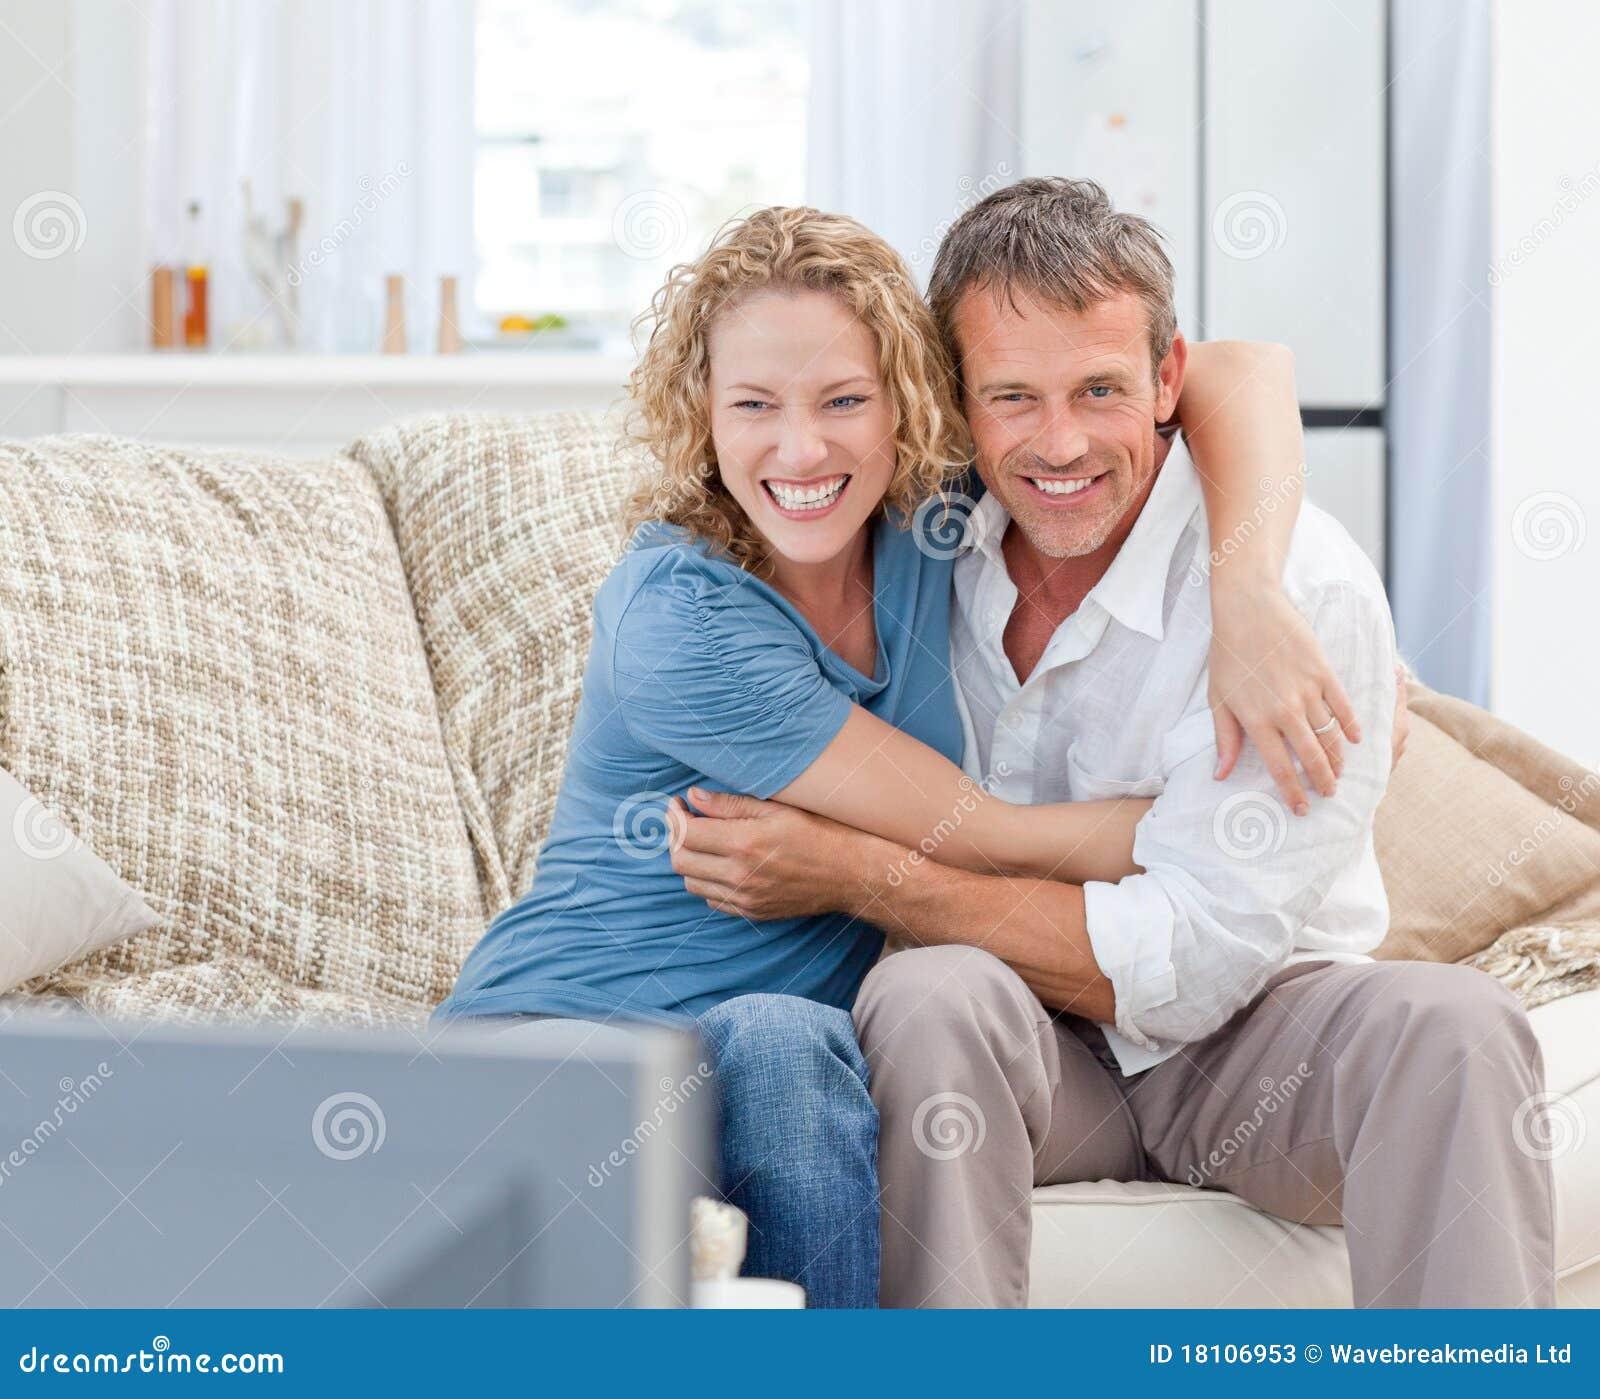 Супружеские пары смотреть онлайн 12 фотография